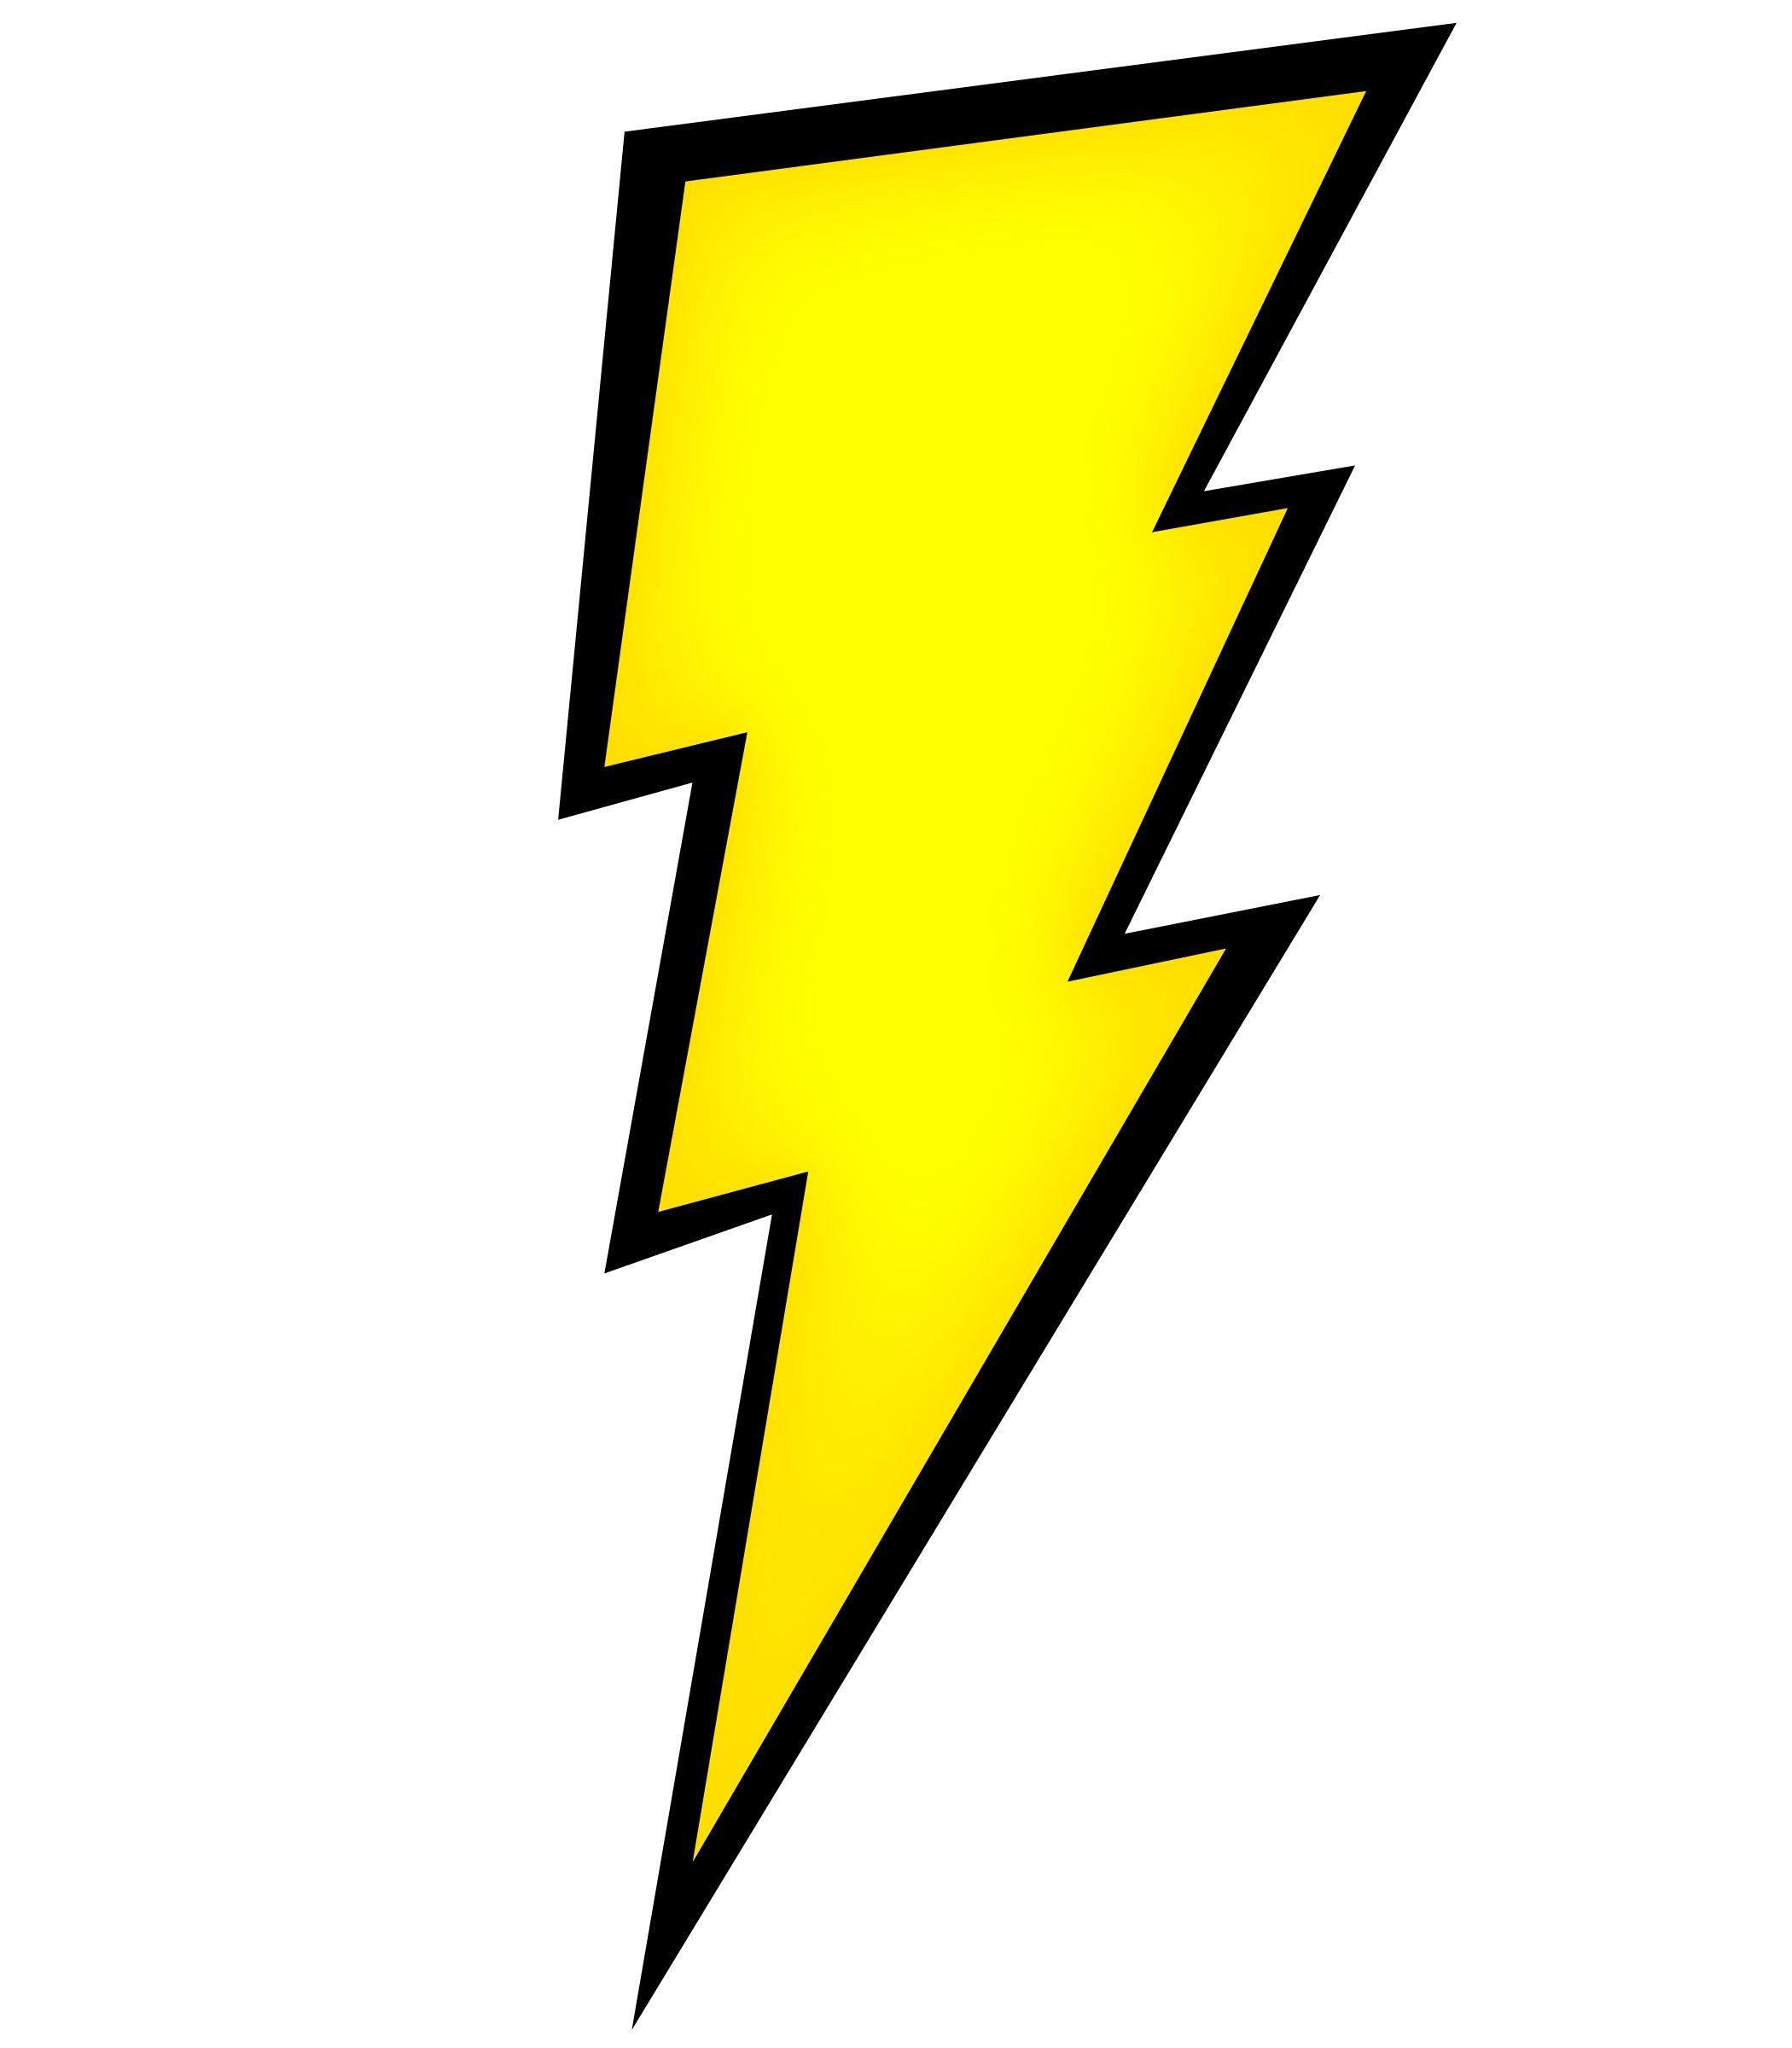 Lightning Bolt Clipart Black And White Clipart Panda Free Lightning Bolt Logo Lightning Bolt Lightning